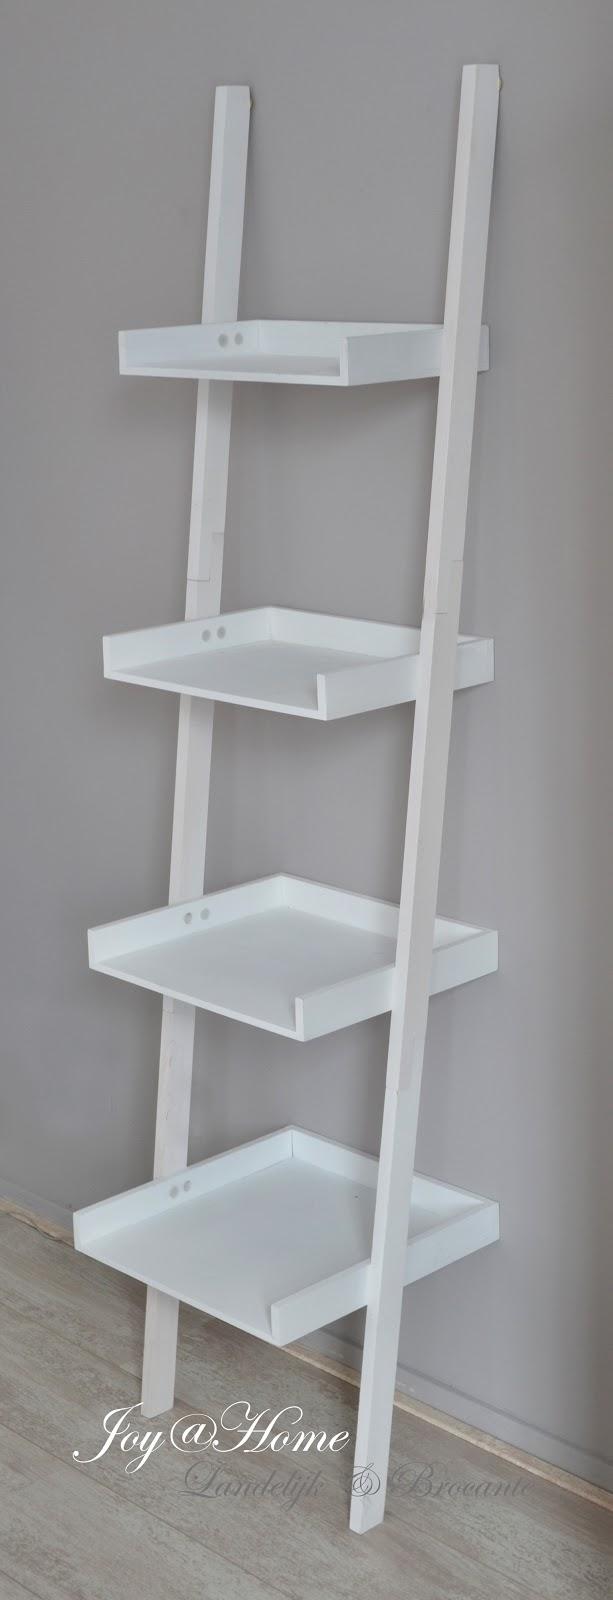 Plank Voor Aan De Muur.Plankjes Muur Gallery Of Awesome Kast Aan Muur Bevestigen Ikea In